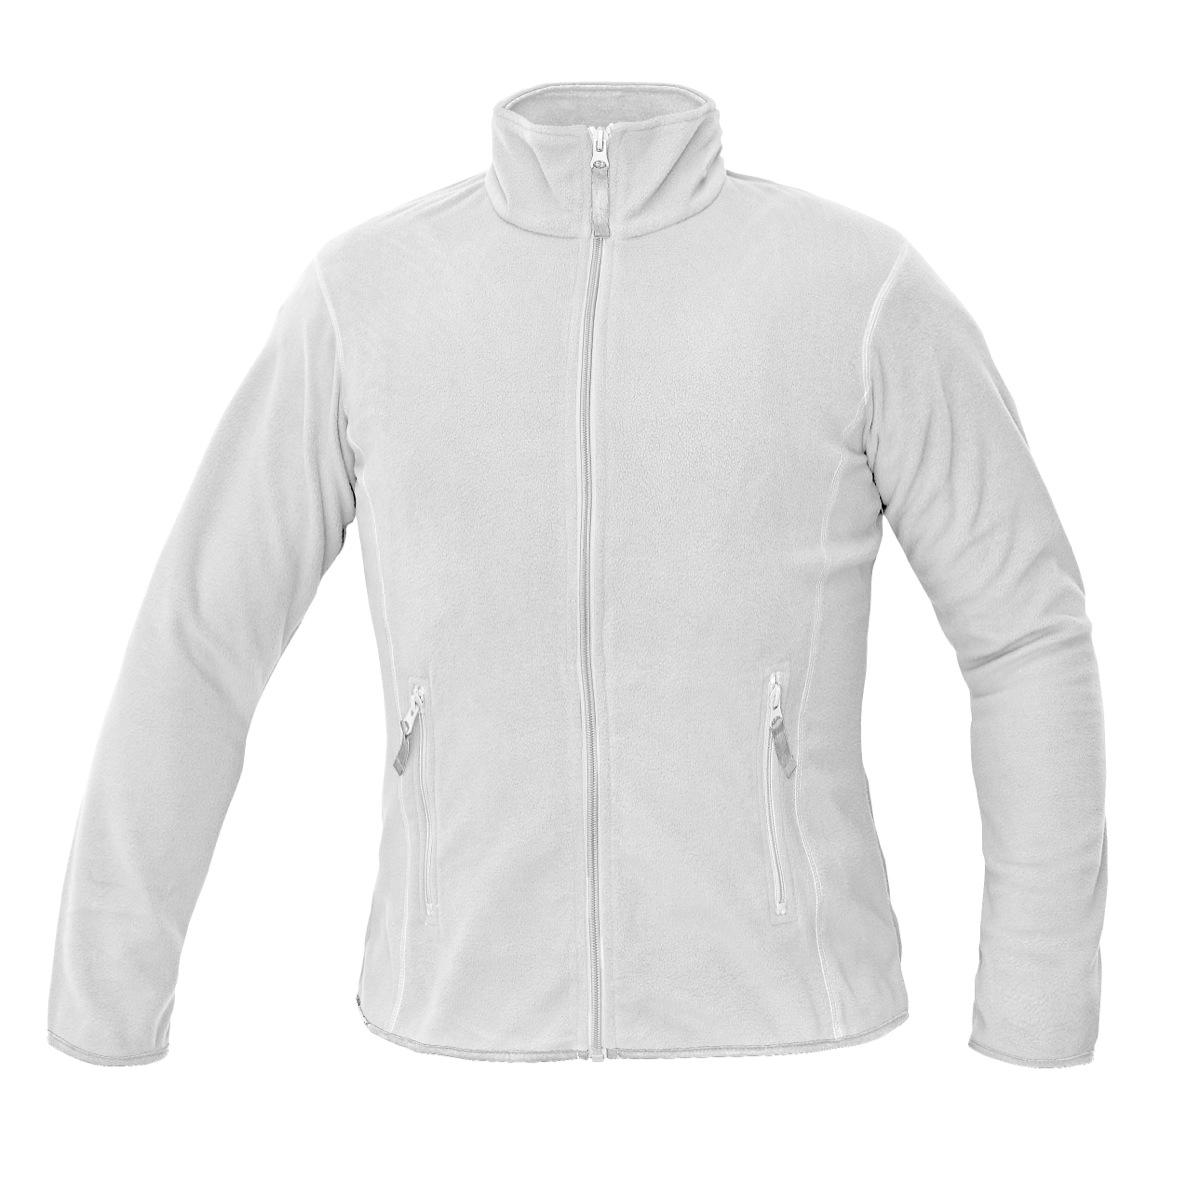 Pracovné odevy - dámska fleecová mikina GOMTI ČERVA BIELA 1659048c56